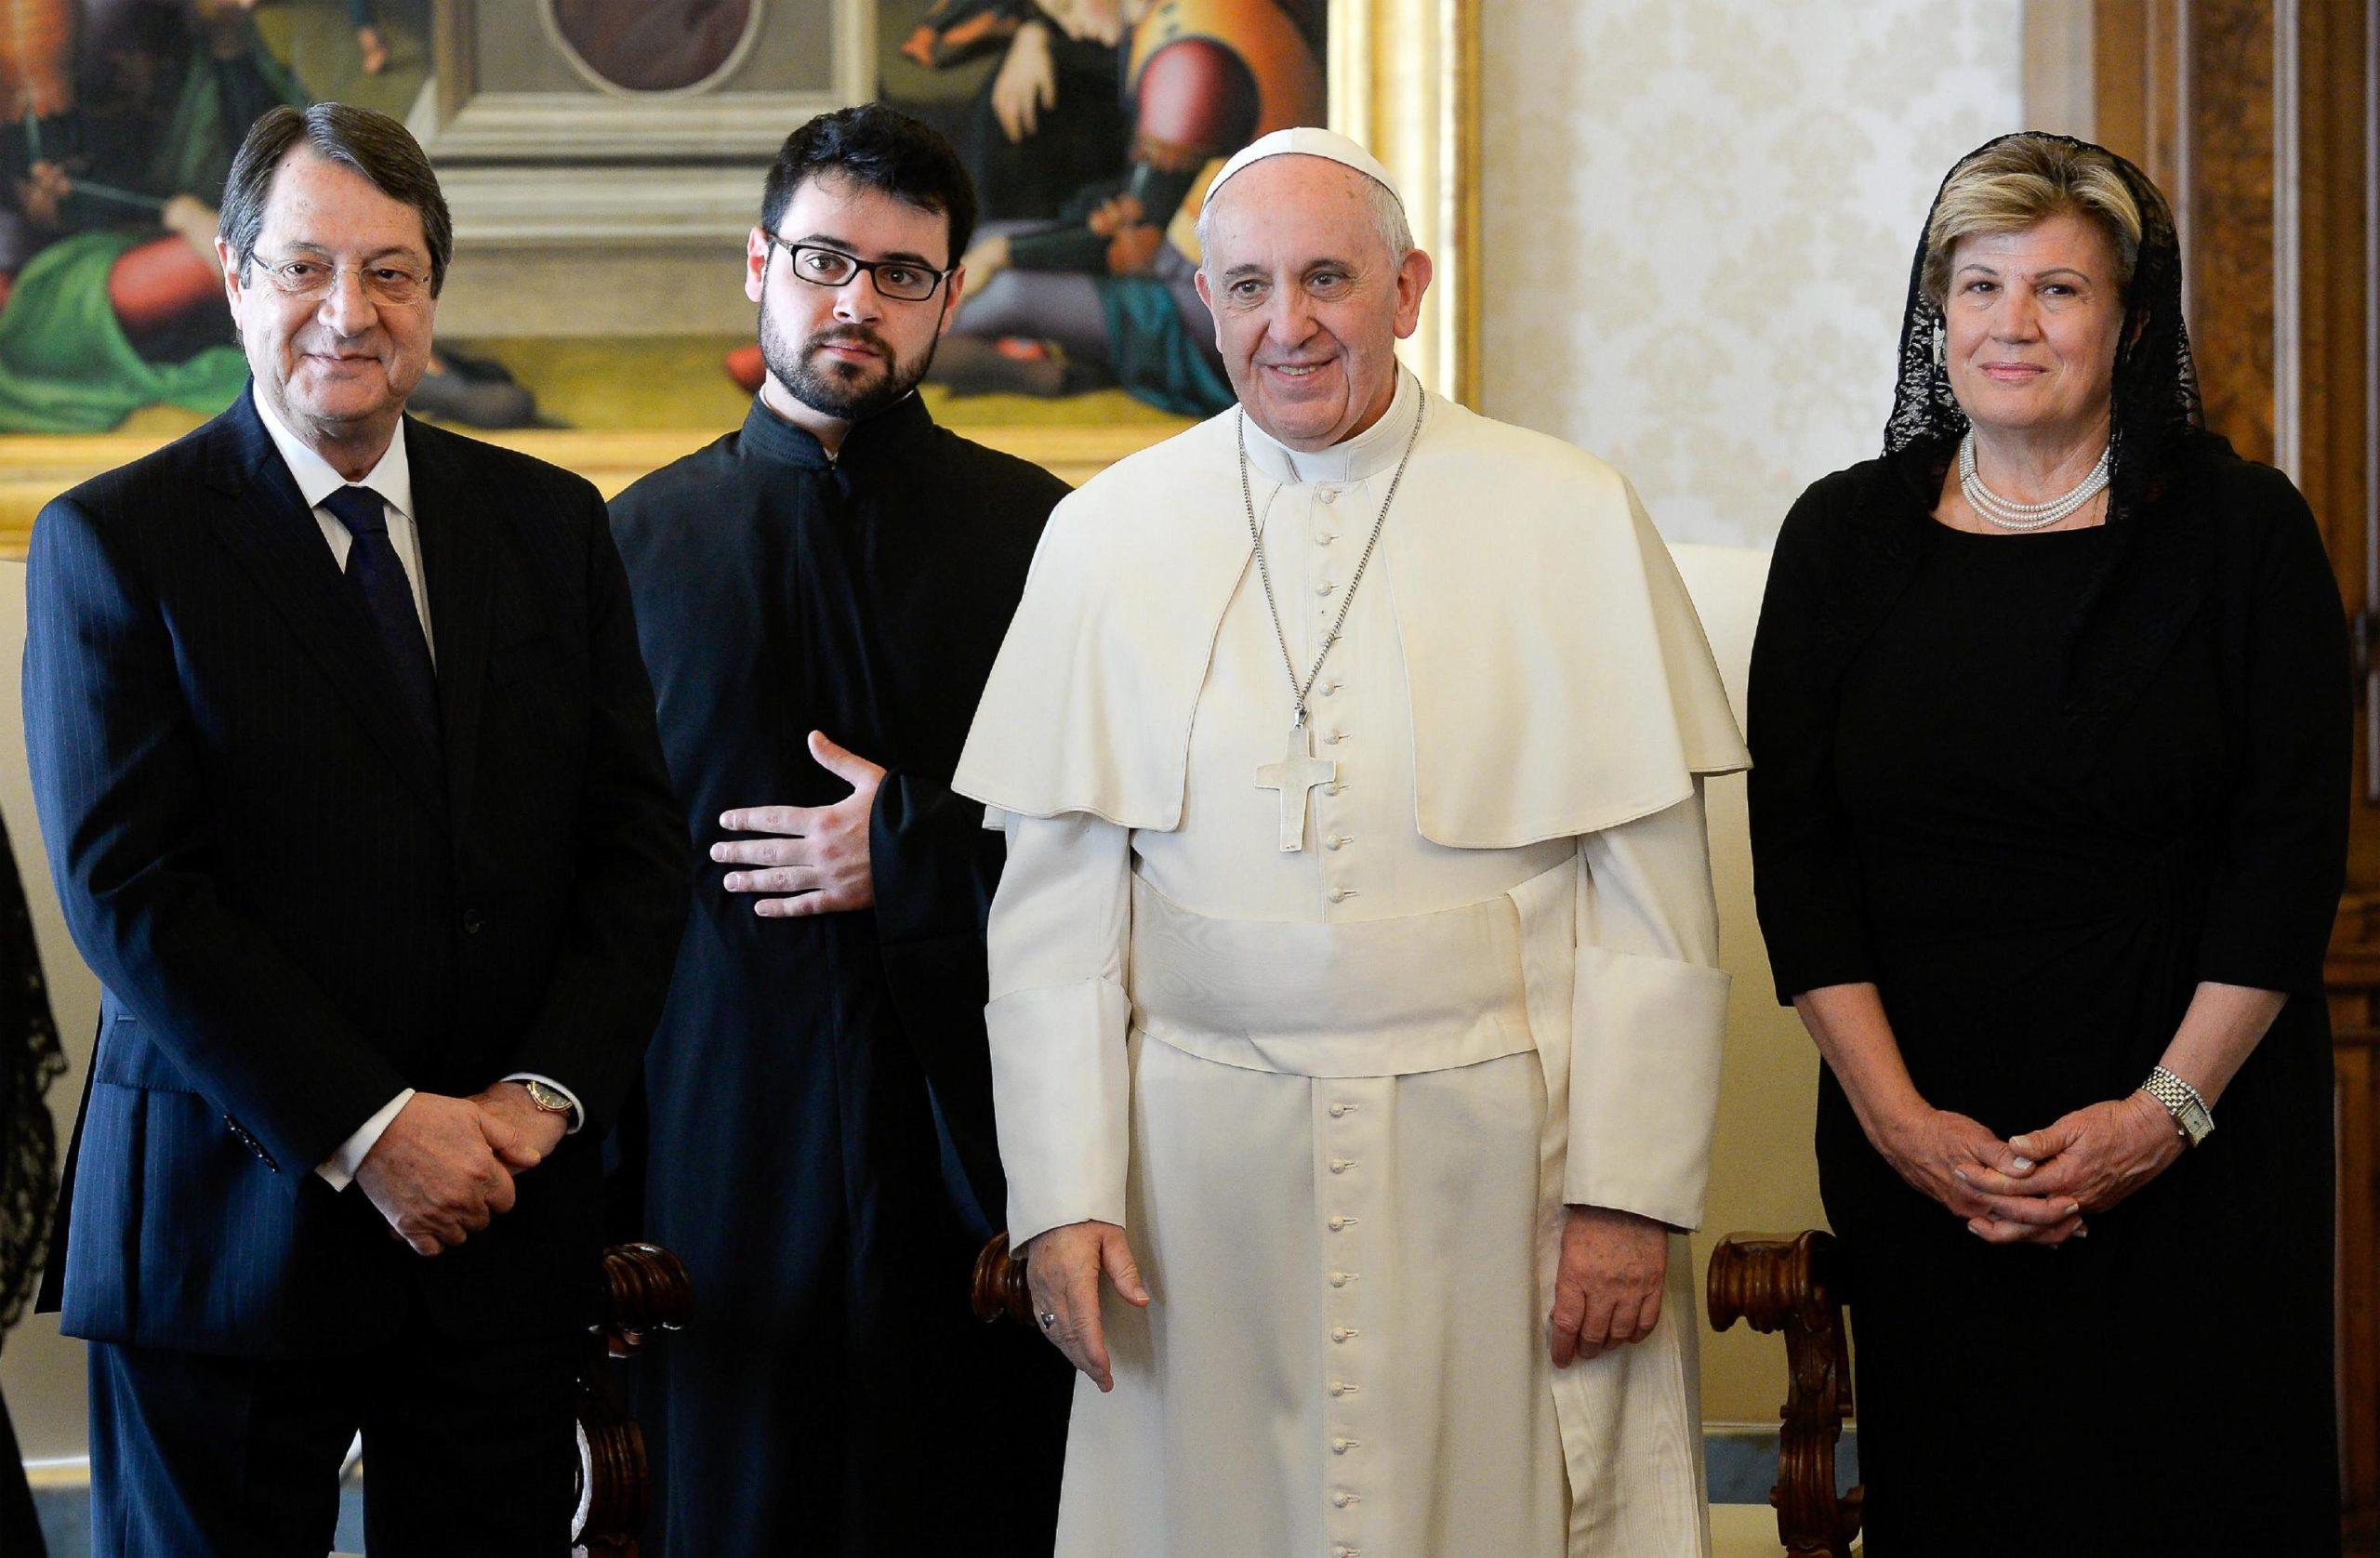 Επίσημη επίσκεψη Ν. Αναστασιάδη & Πάπα Φραγκίσκου με φόντο το «Κυπριακό»